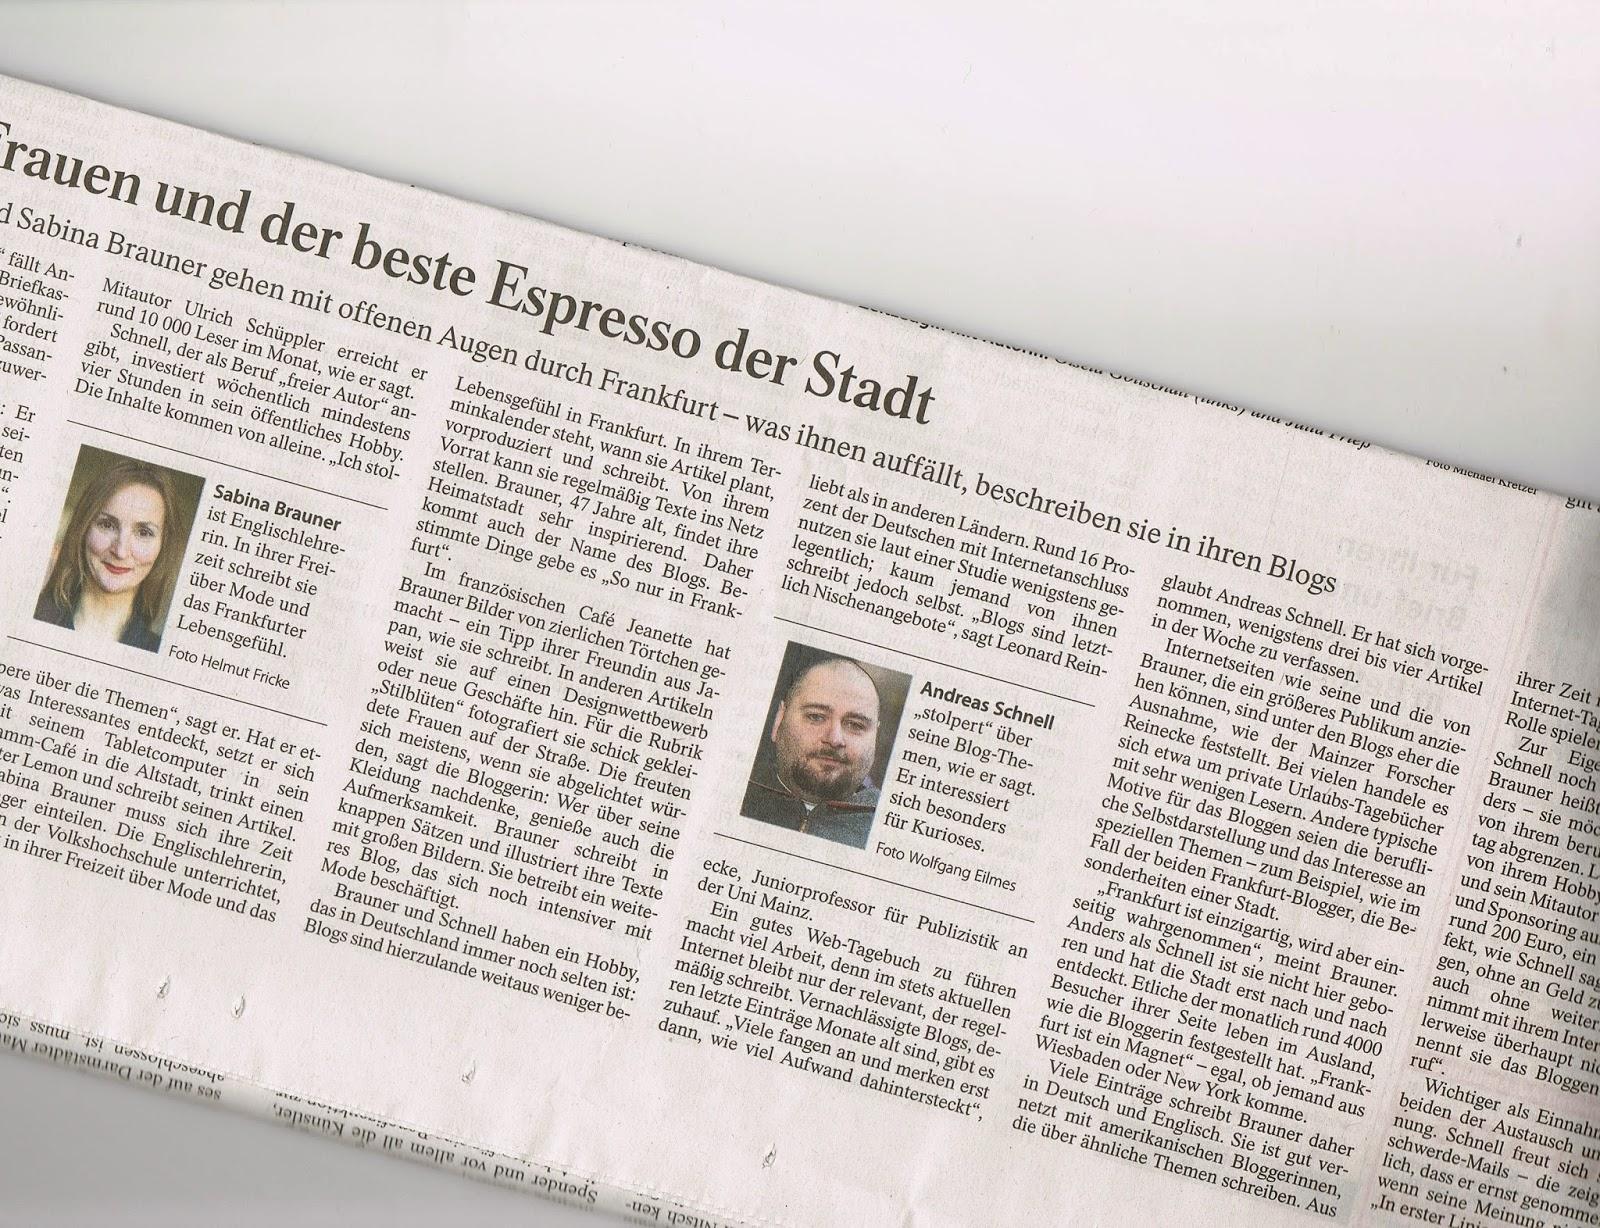 In der Presse